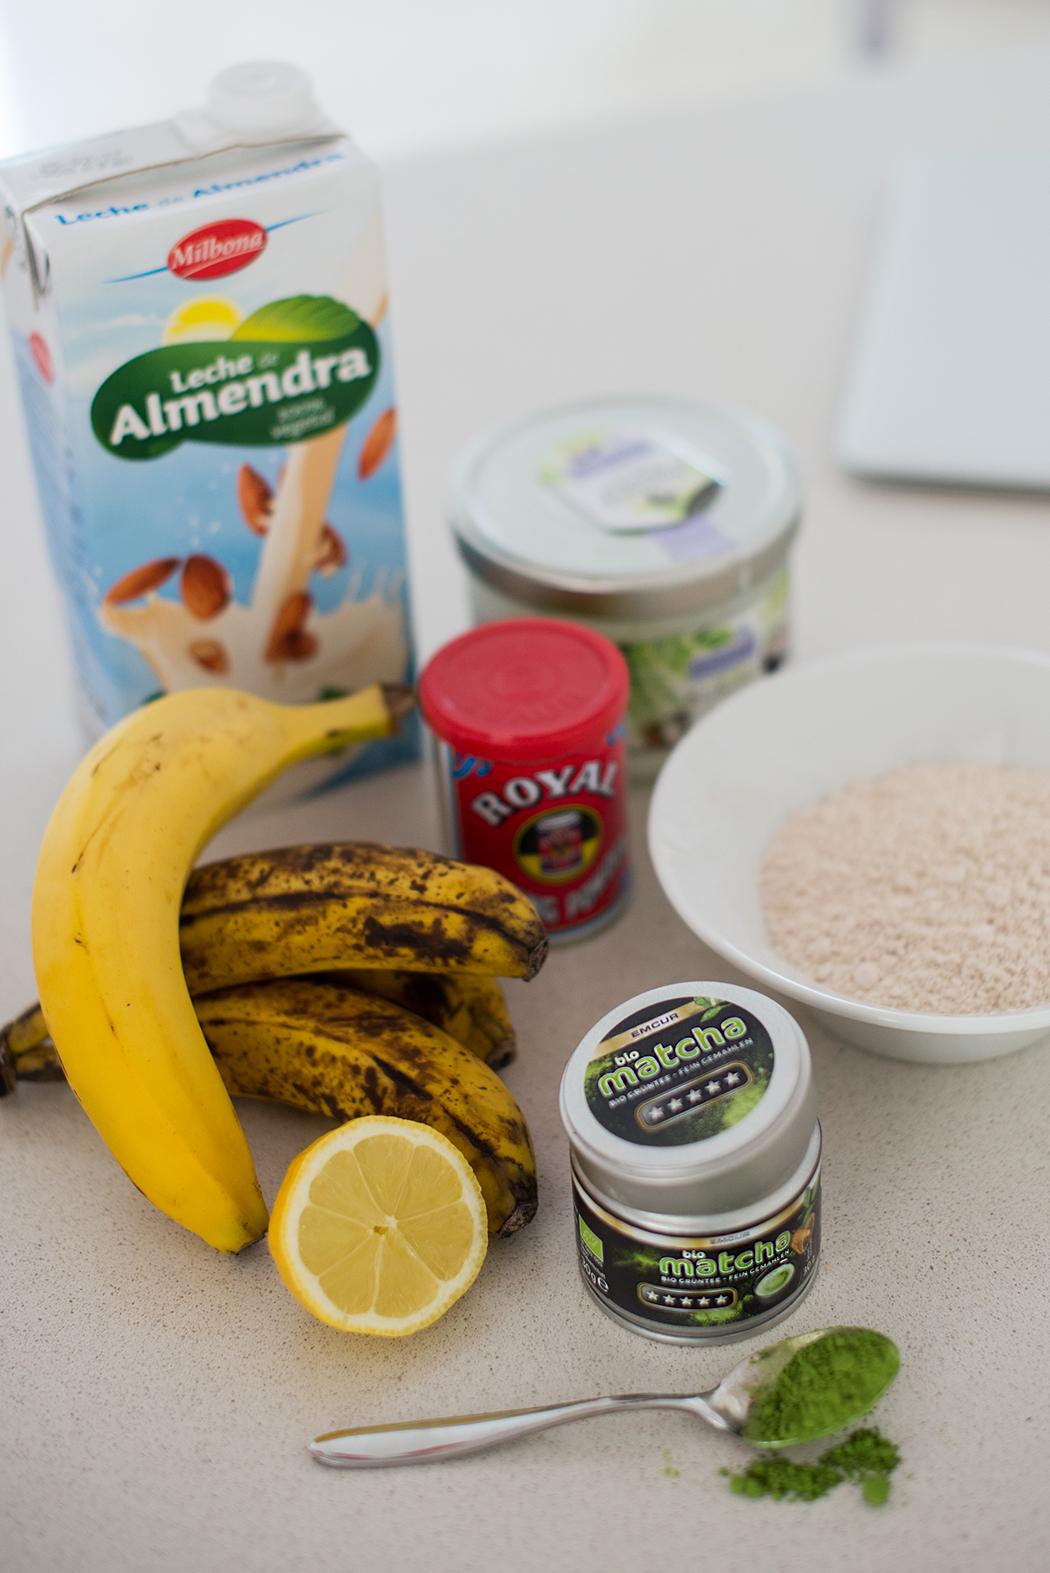 Foodblog-Foodblogger-Food-Blog-Blogger-Muenchen-Deutschland-Matcha_Pancakes-Matcha-Latte-gesund-abnehmen-superfood-2